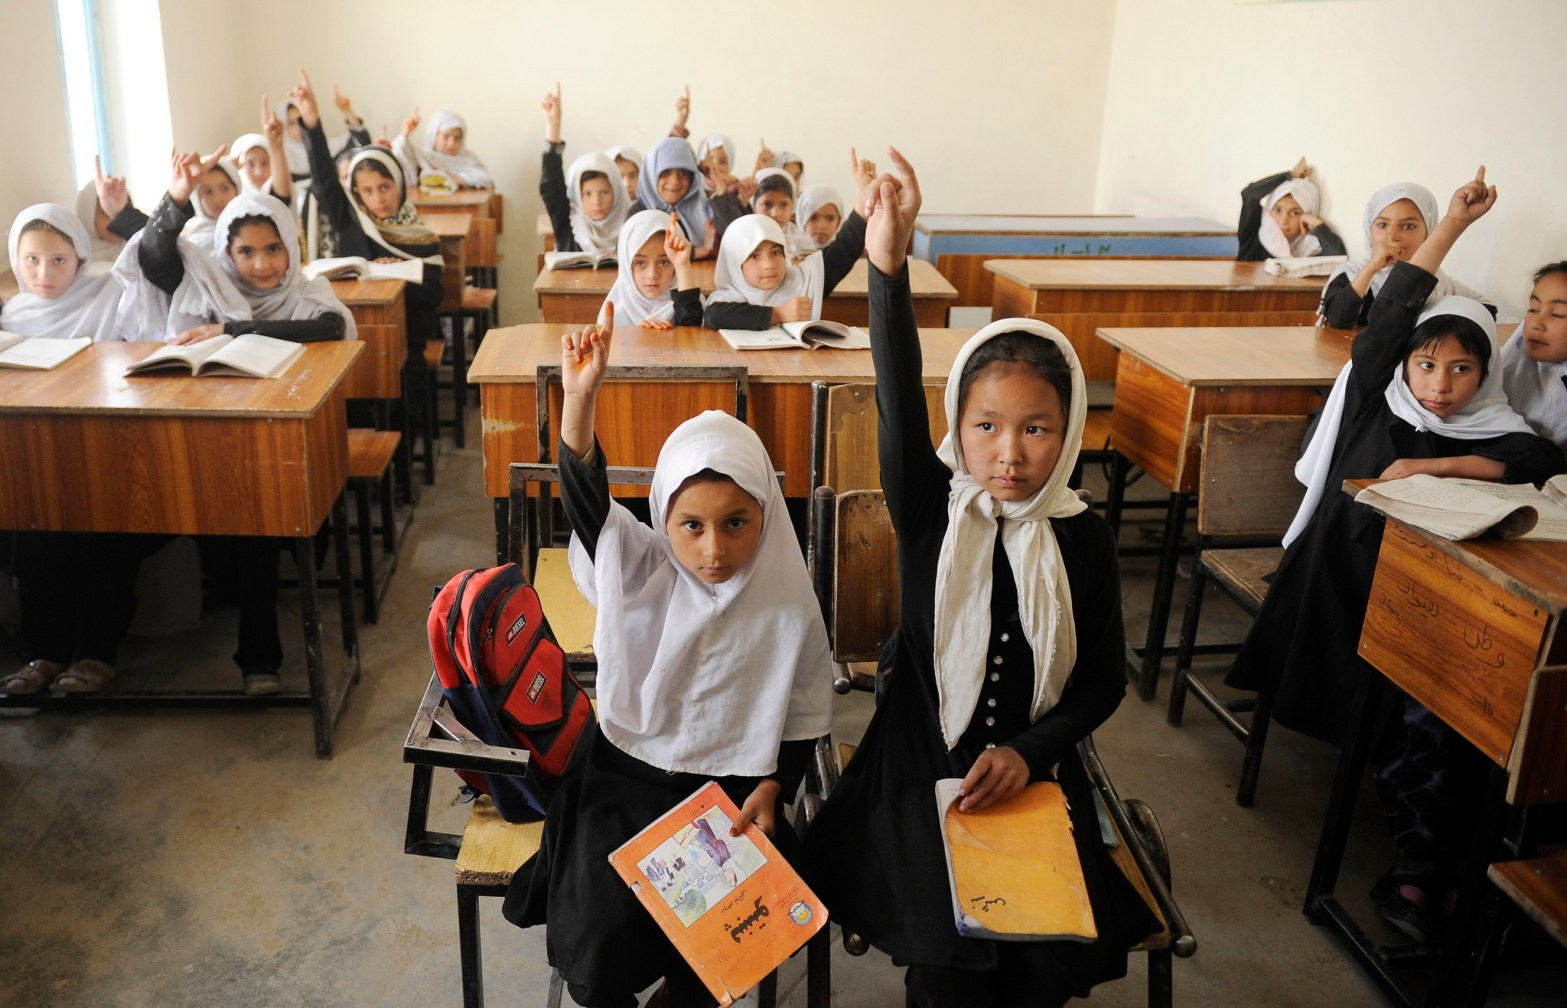 すべての子どもが安心して学べる環境づくりを急ぐ必要がある(写真はアフガニスタン)